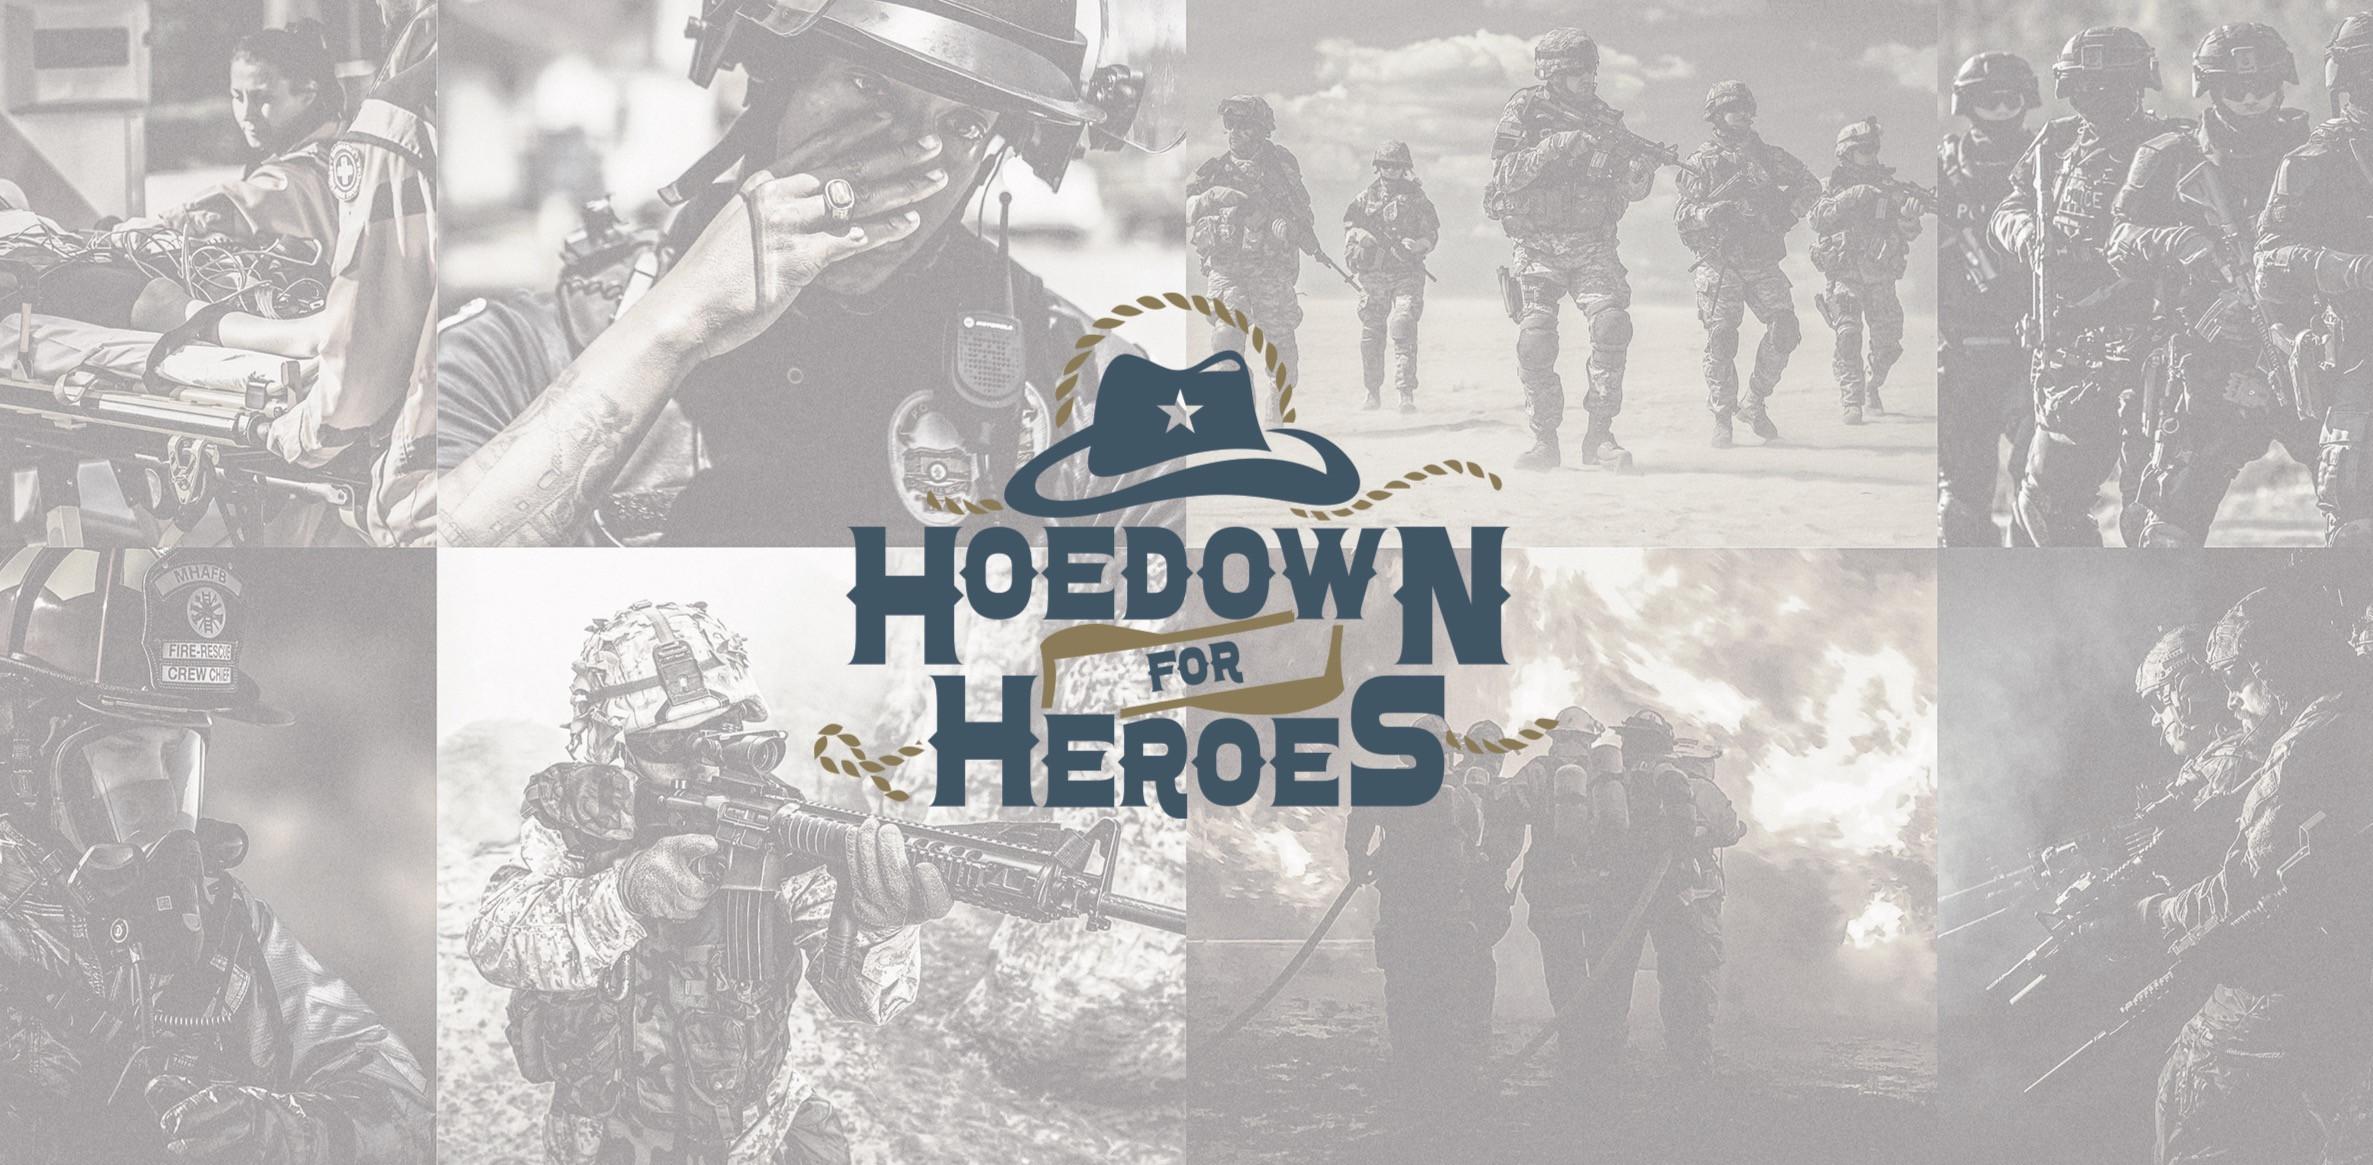 Hoedown For Heroes